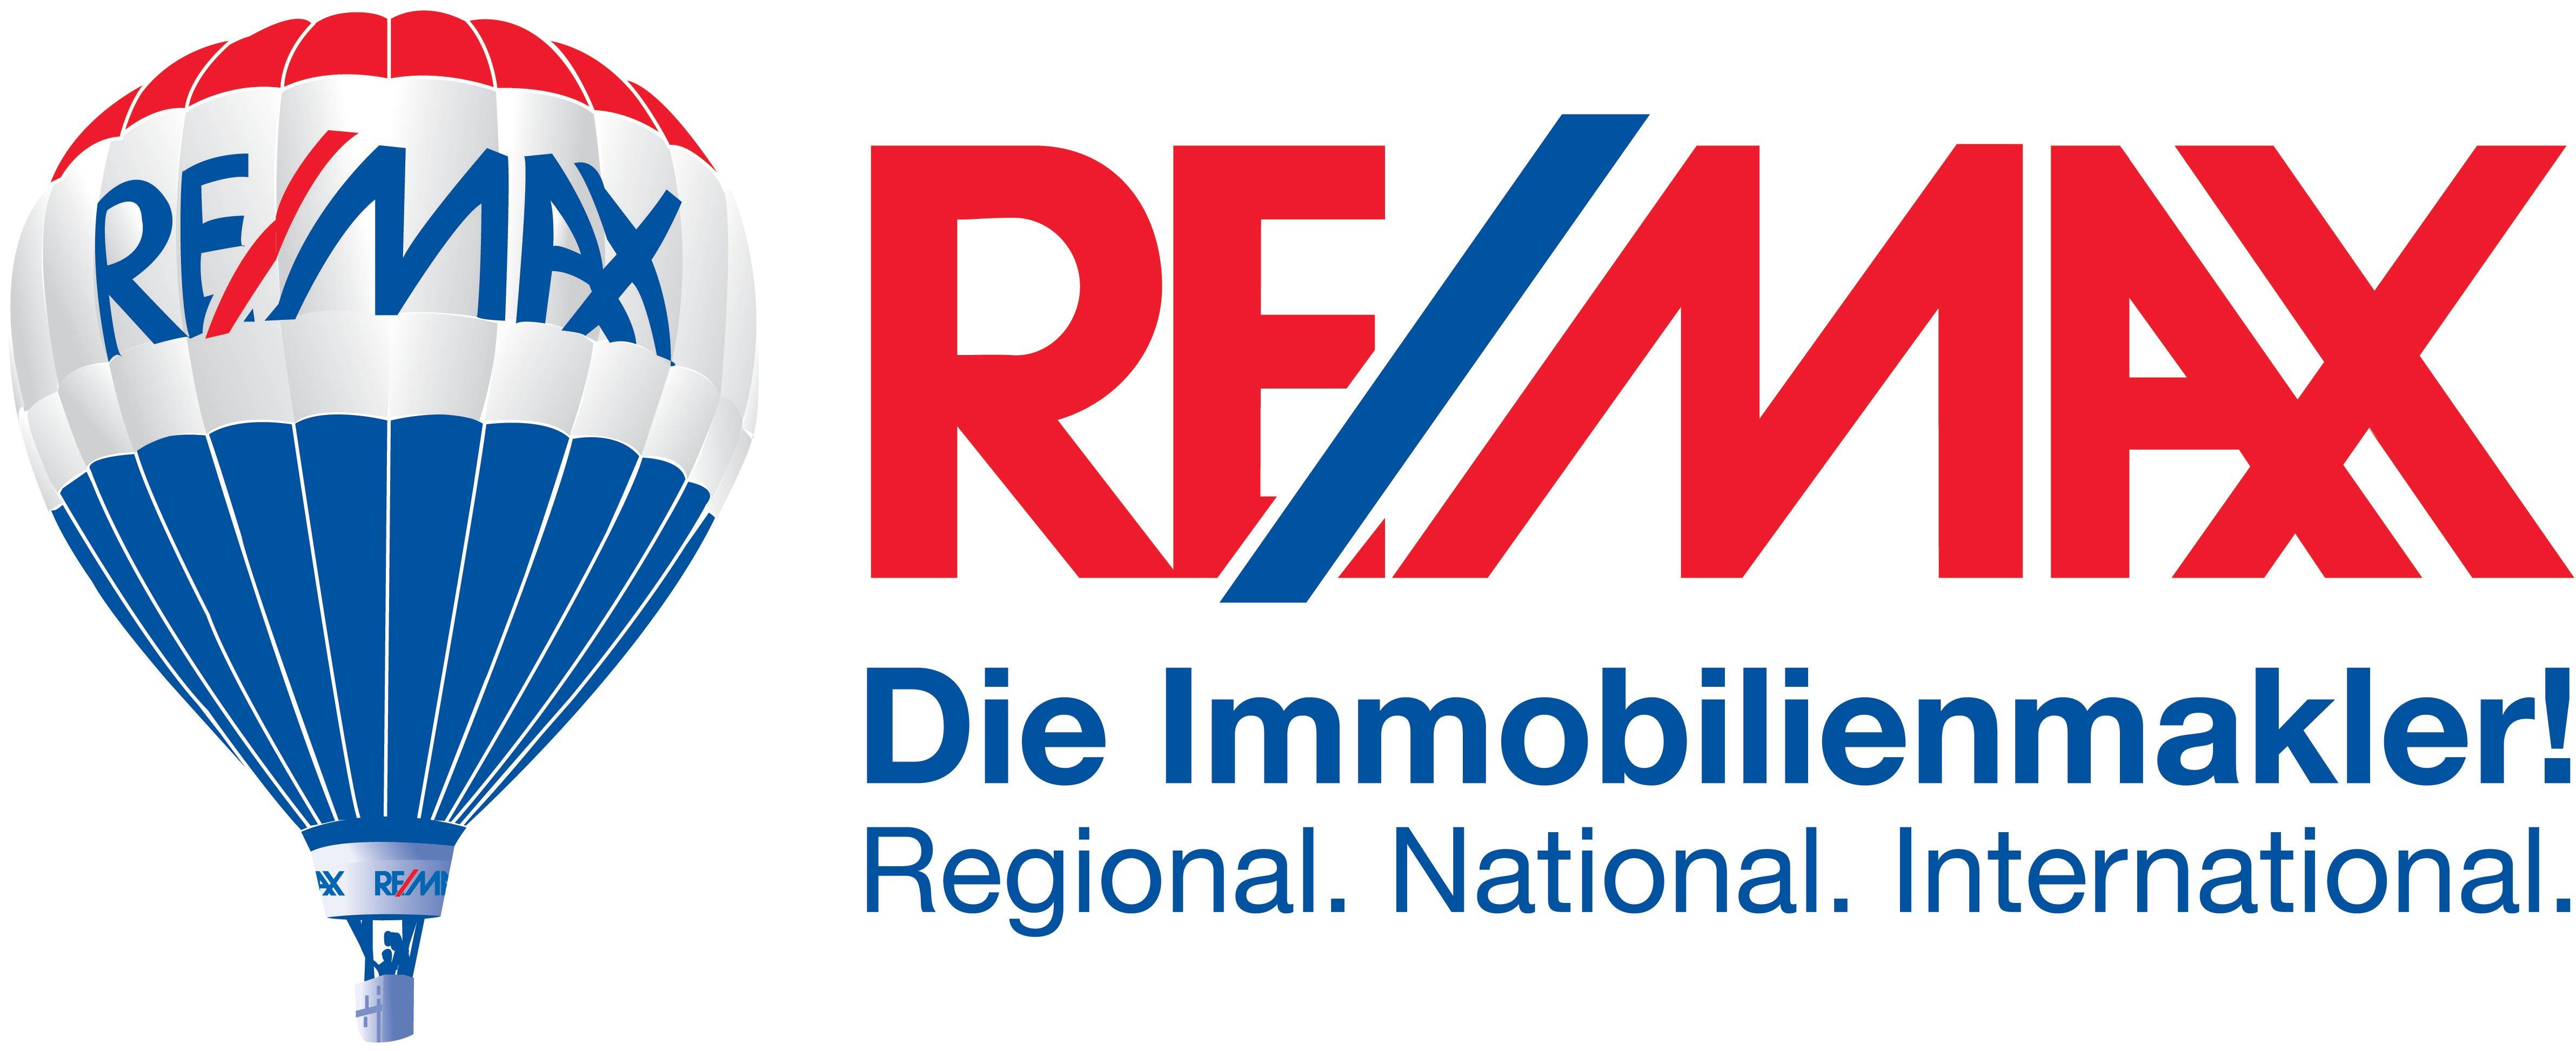 Hier sehen Sie das Logo von RE/MAX Straubing Immobilien